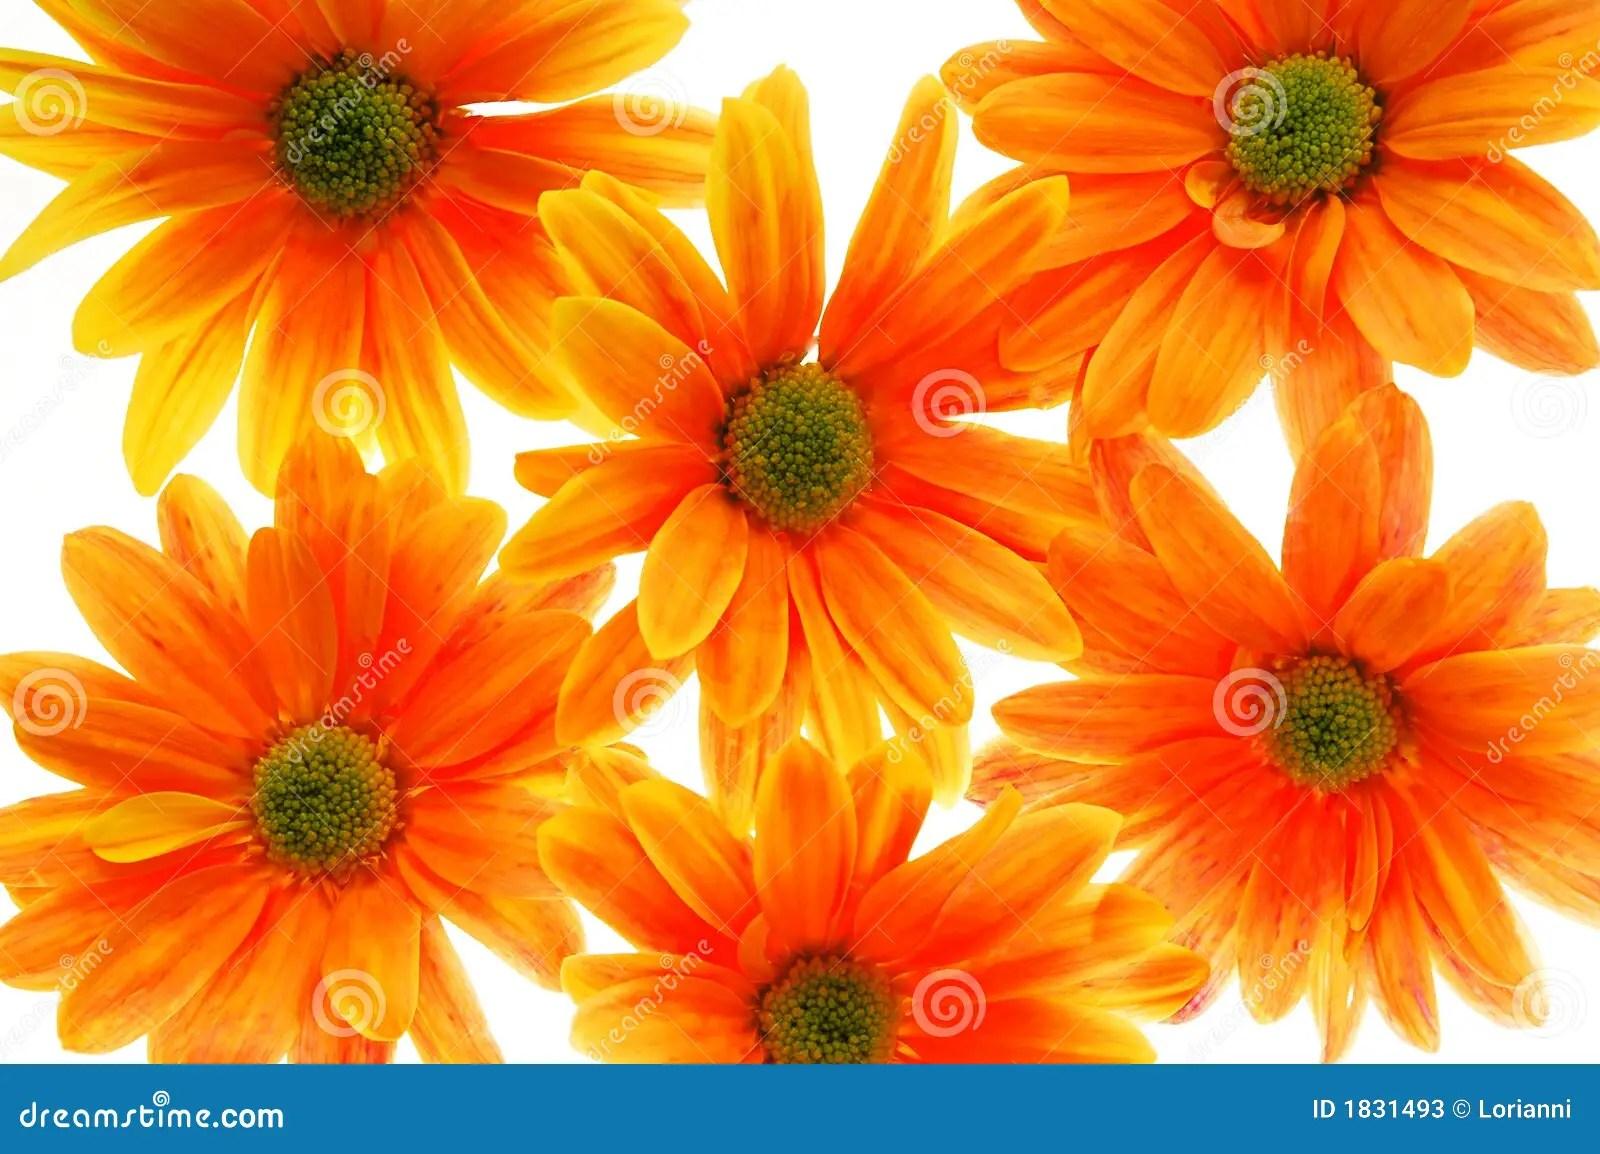 Flores anaranjadas imagen de archivo Imagen de gardening